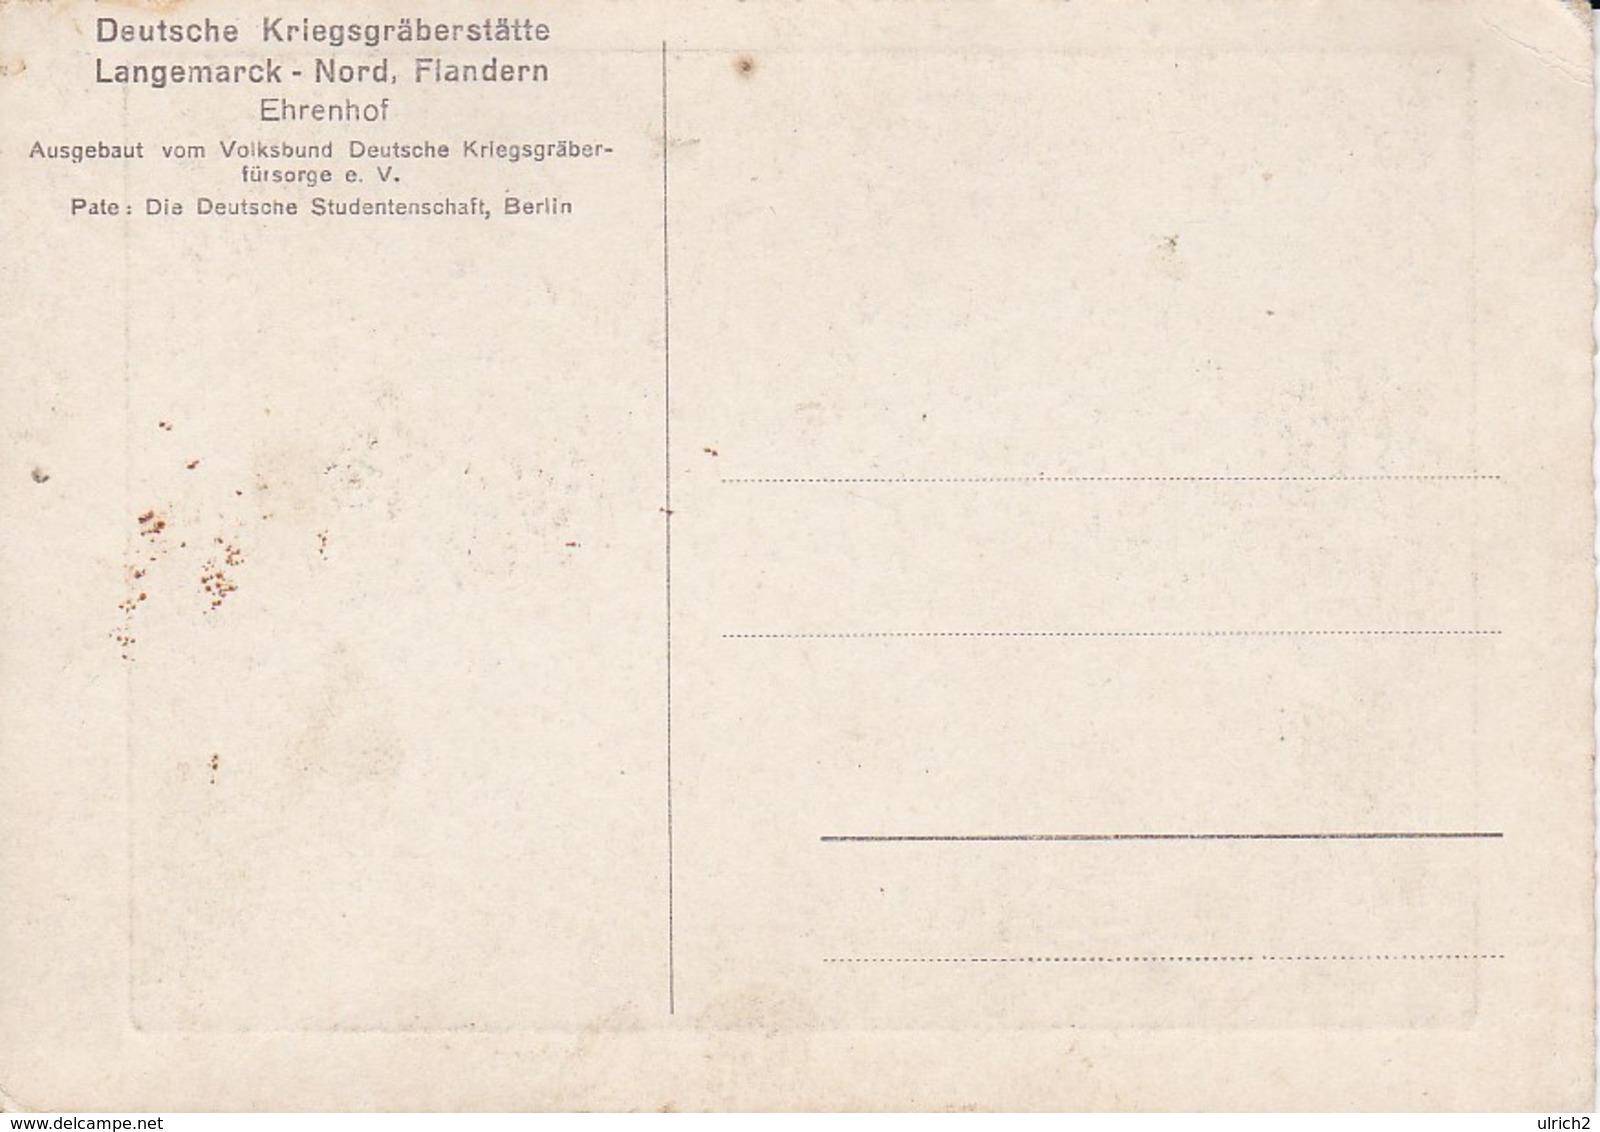 AK Langemarck - Flandern - Deutsche Kriegsgräberstätte - Ehrenhof (40597) - Langemark-Poelkapelle